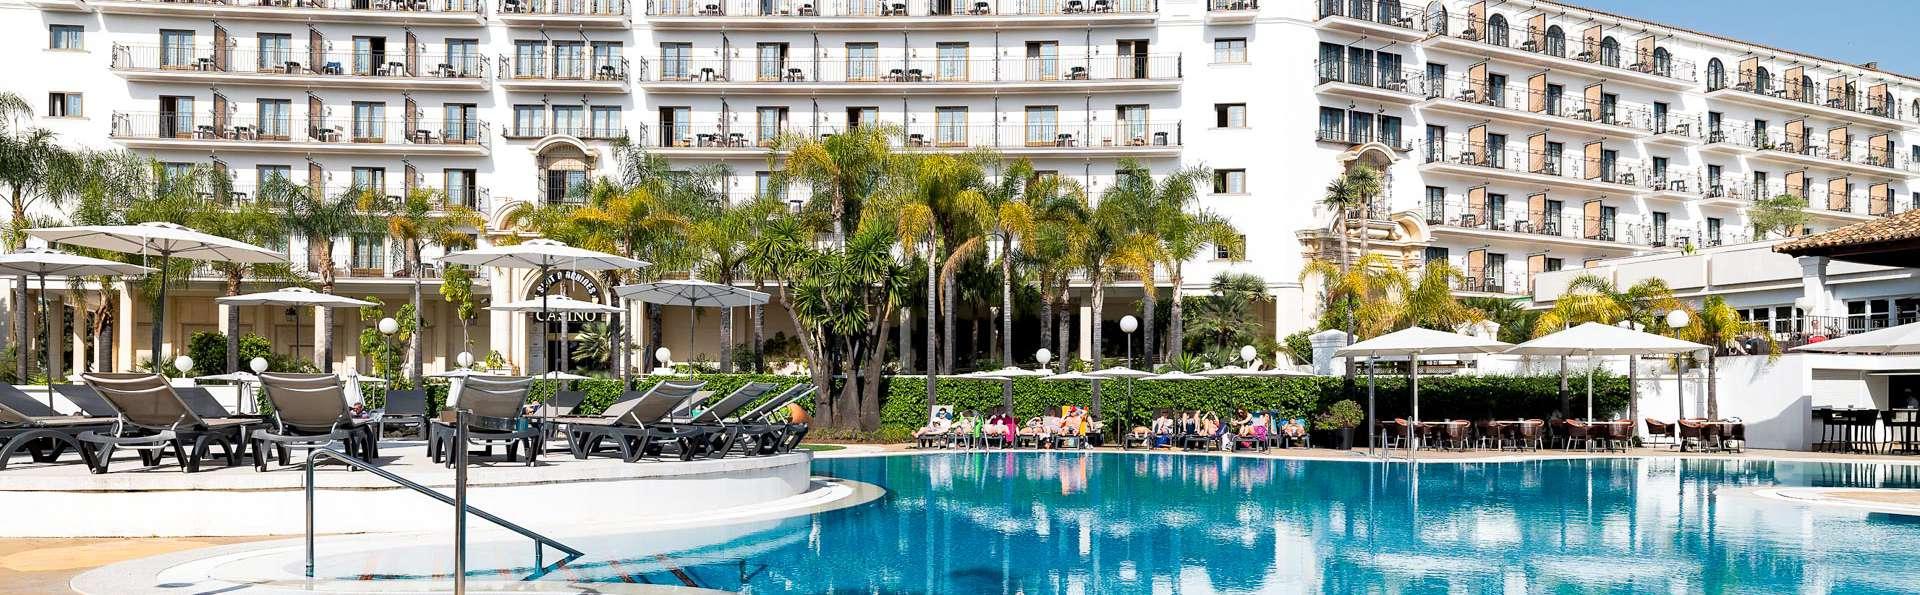 Escapade en demi-pension dans un hôtel 4* à quelques pas de la magnifique plage de Marbella